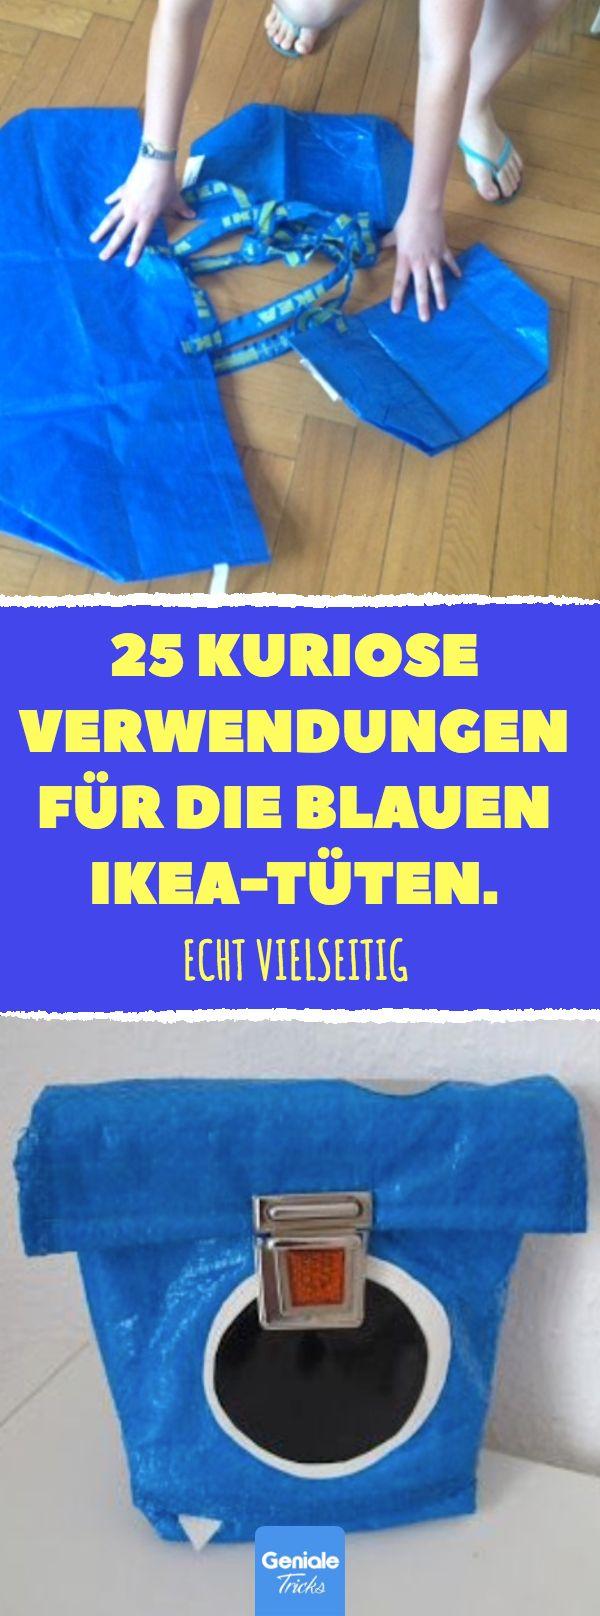 25 kuriose Verwendungen für die blauen IKEA-Tüte…